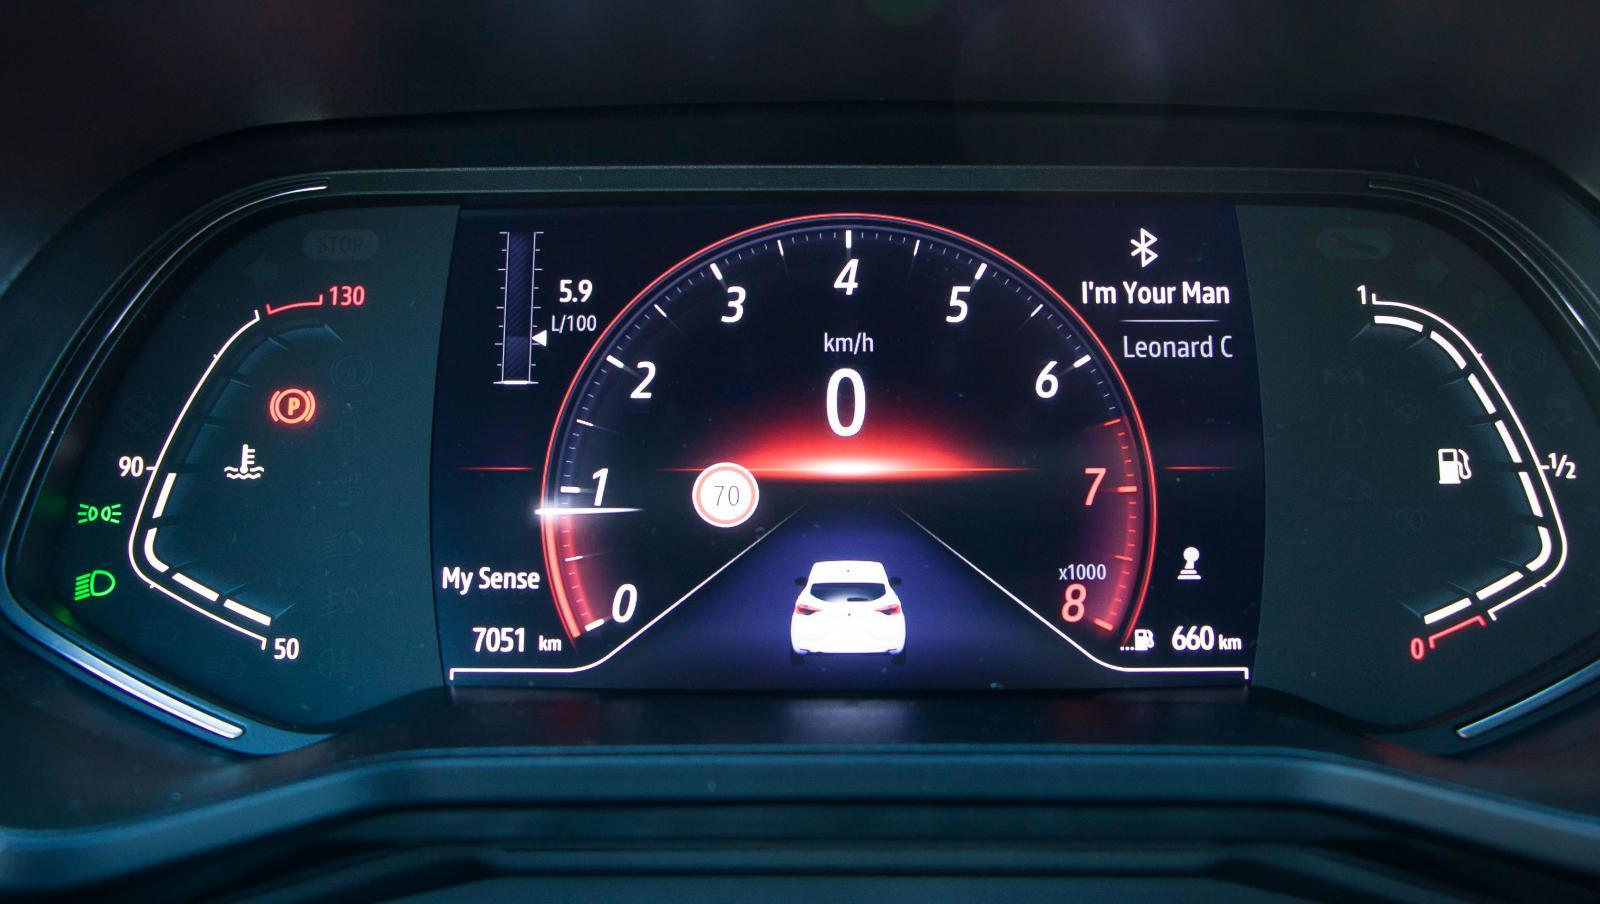 Gigantisk varvräknare, minimal hastighetsmätare – fast i Clio kan utseendet varieras. Även de omgivande visartavlorna är digitalskärmar.